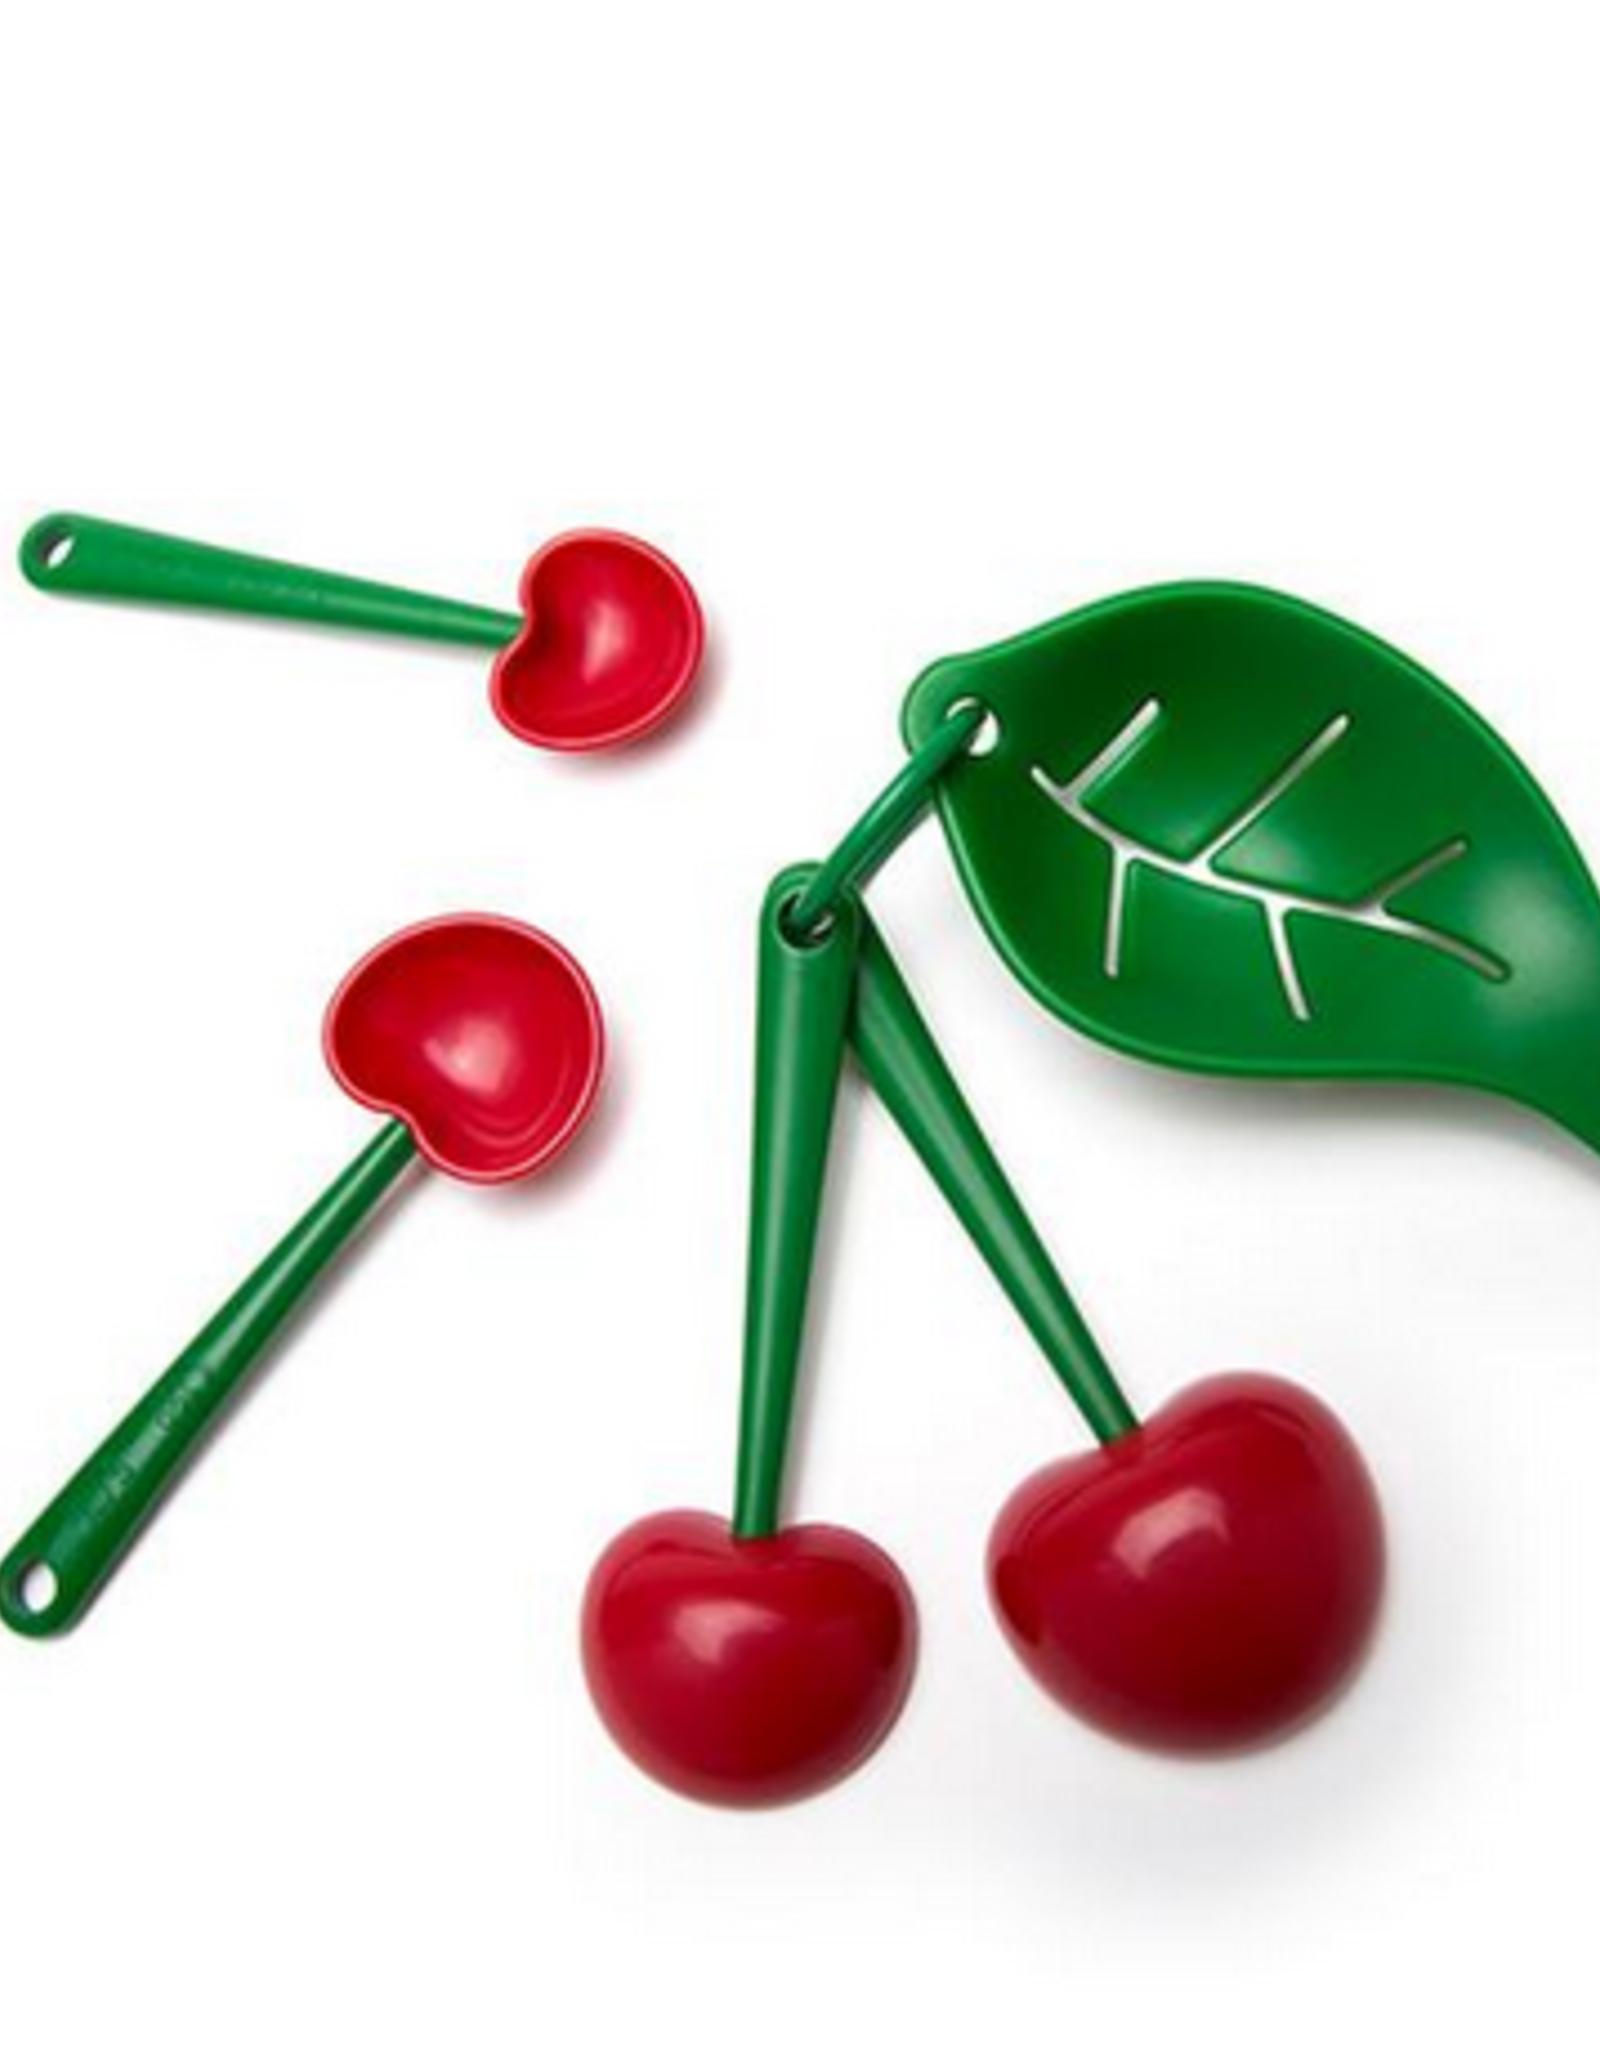 abodee Cherry spoons